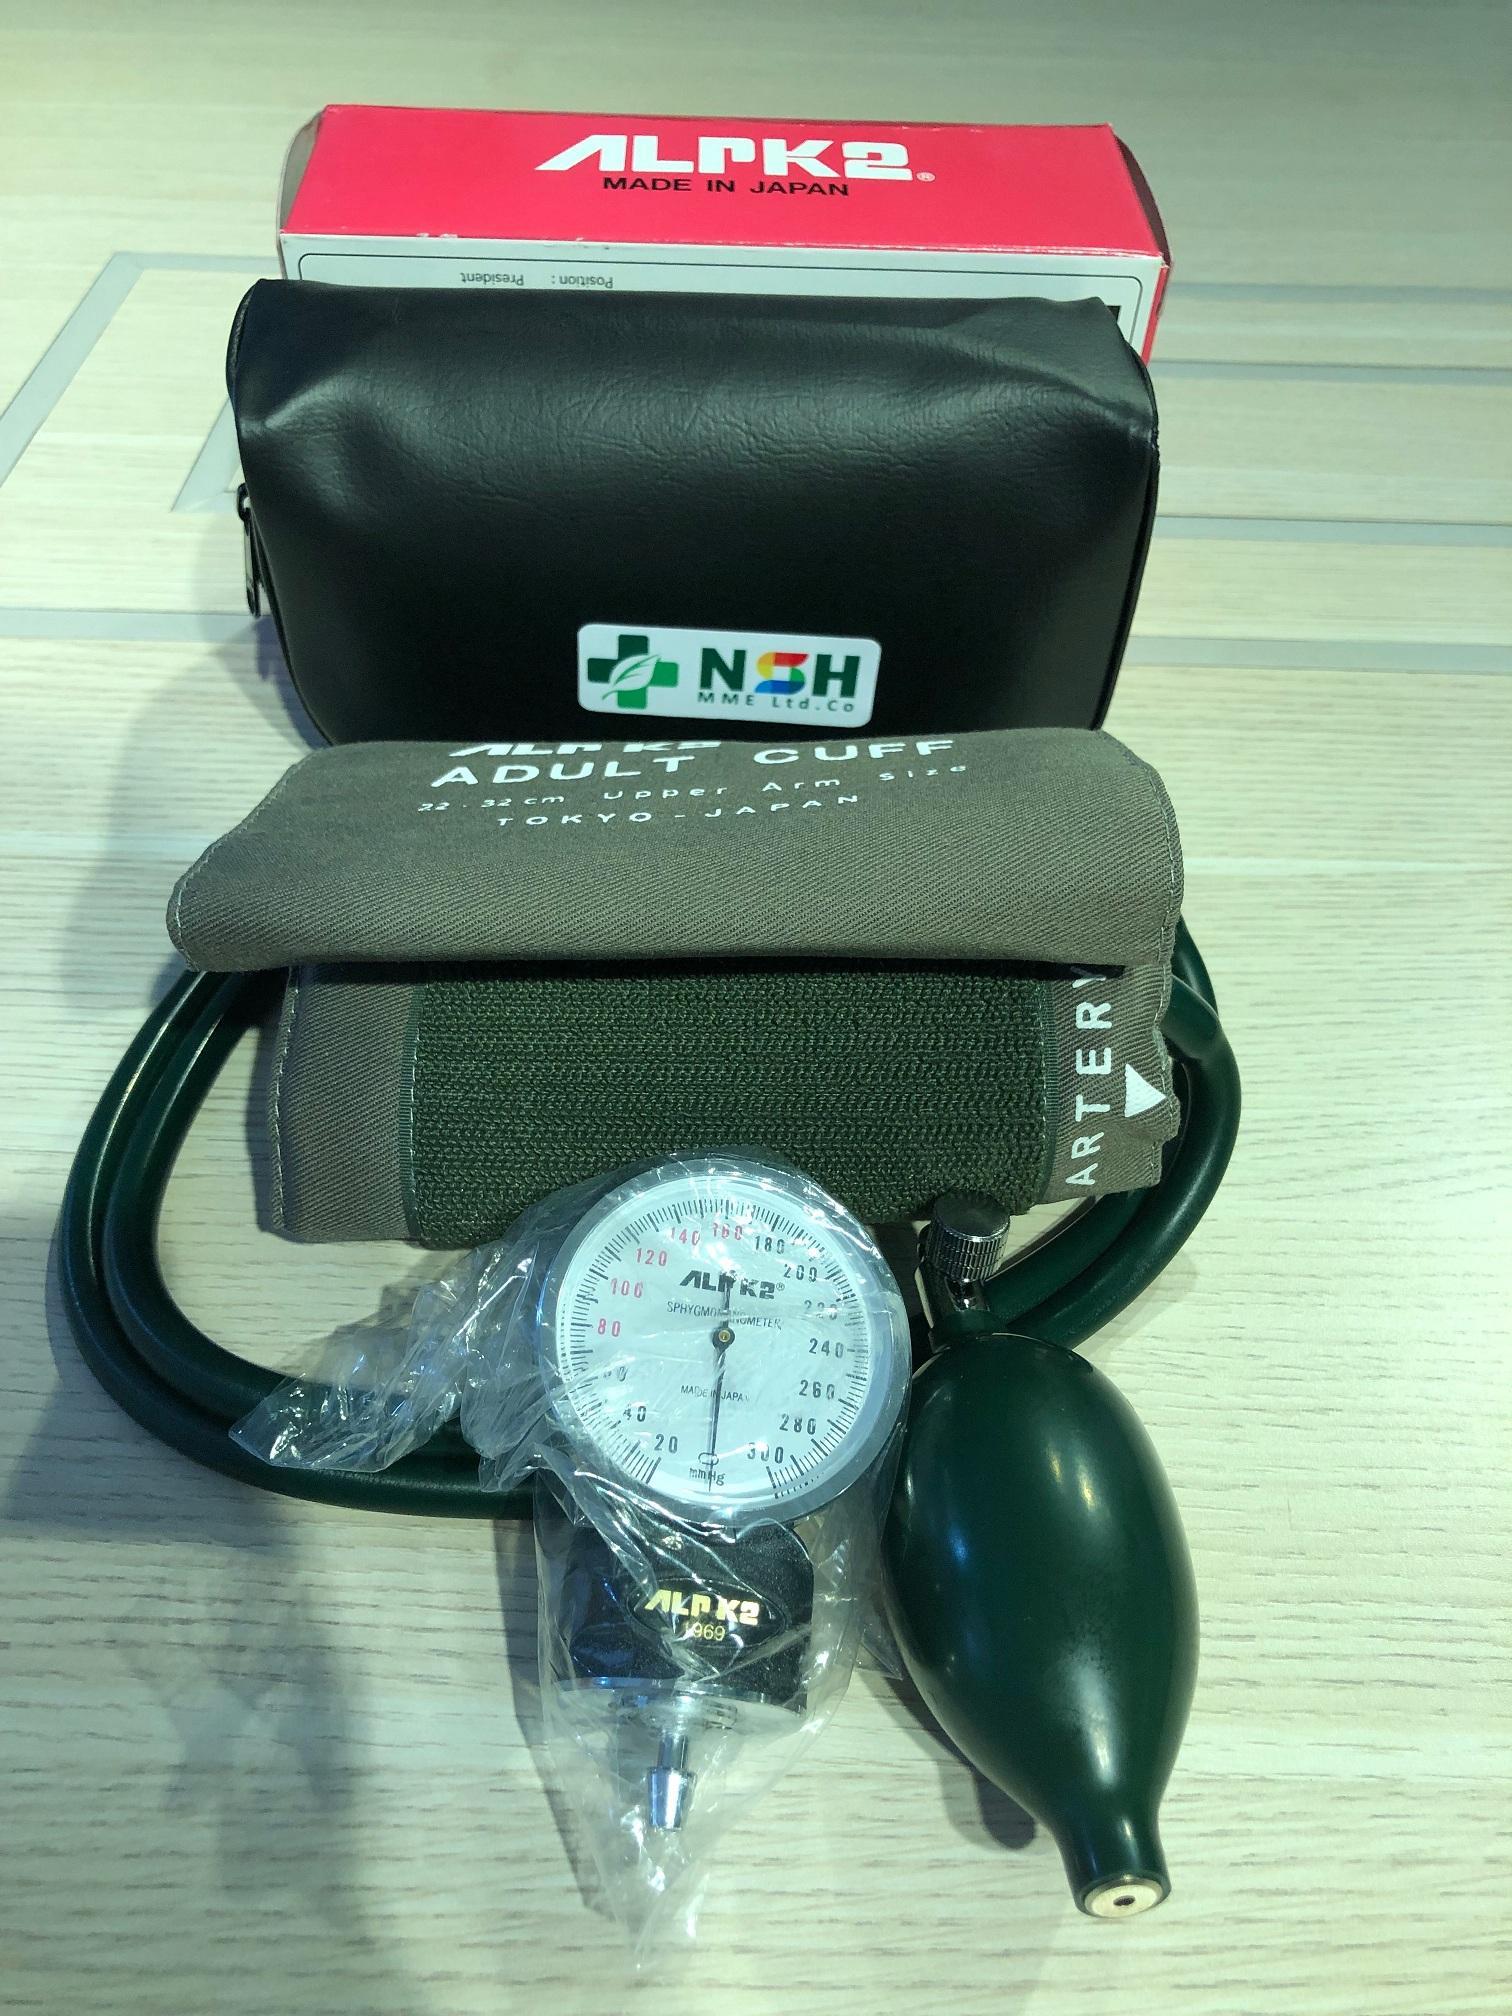 Đầu Máy đo huyết áp cơ ALPK2 NHẬT BẢN không kèm ống nghe bán chạy